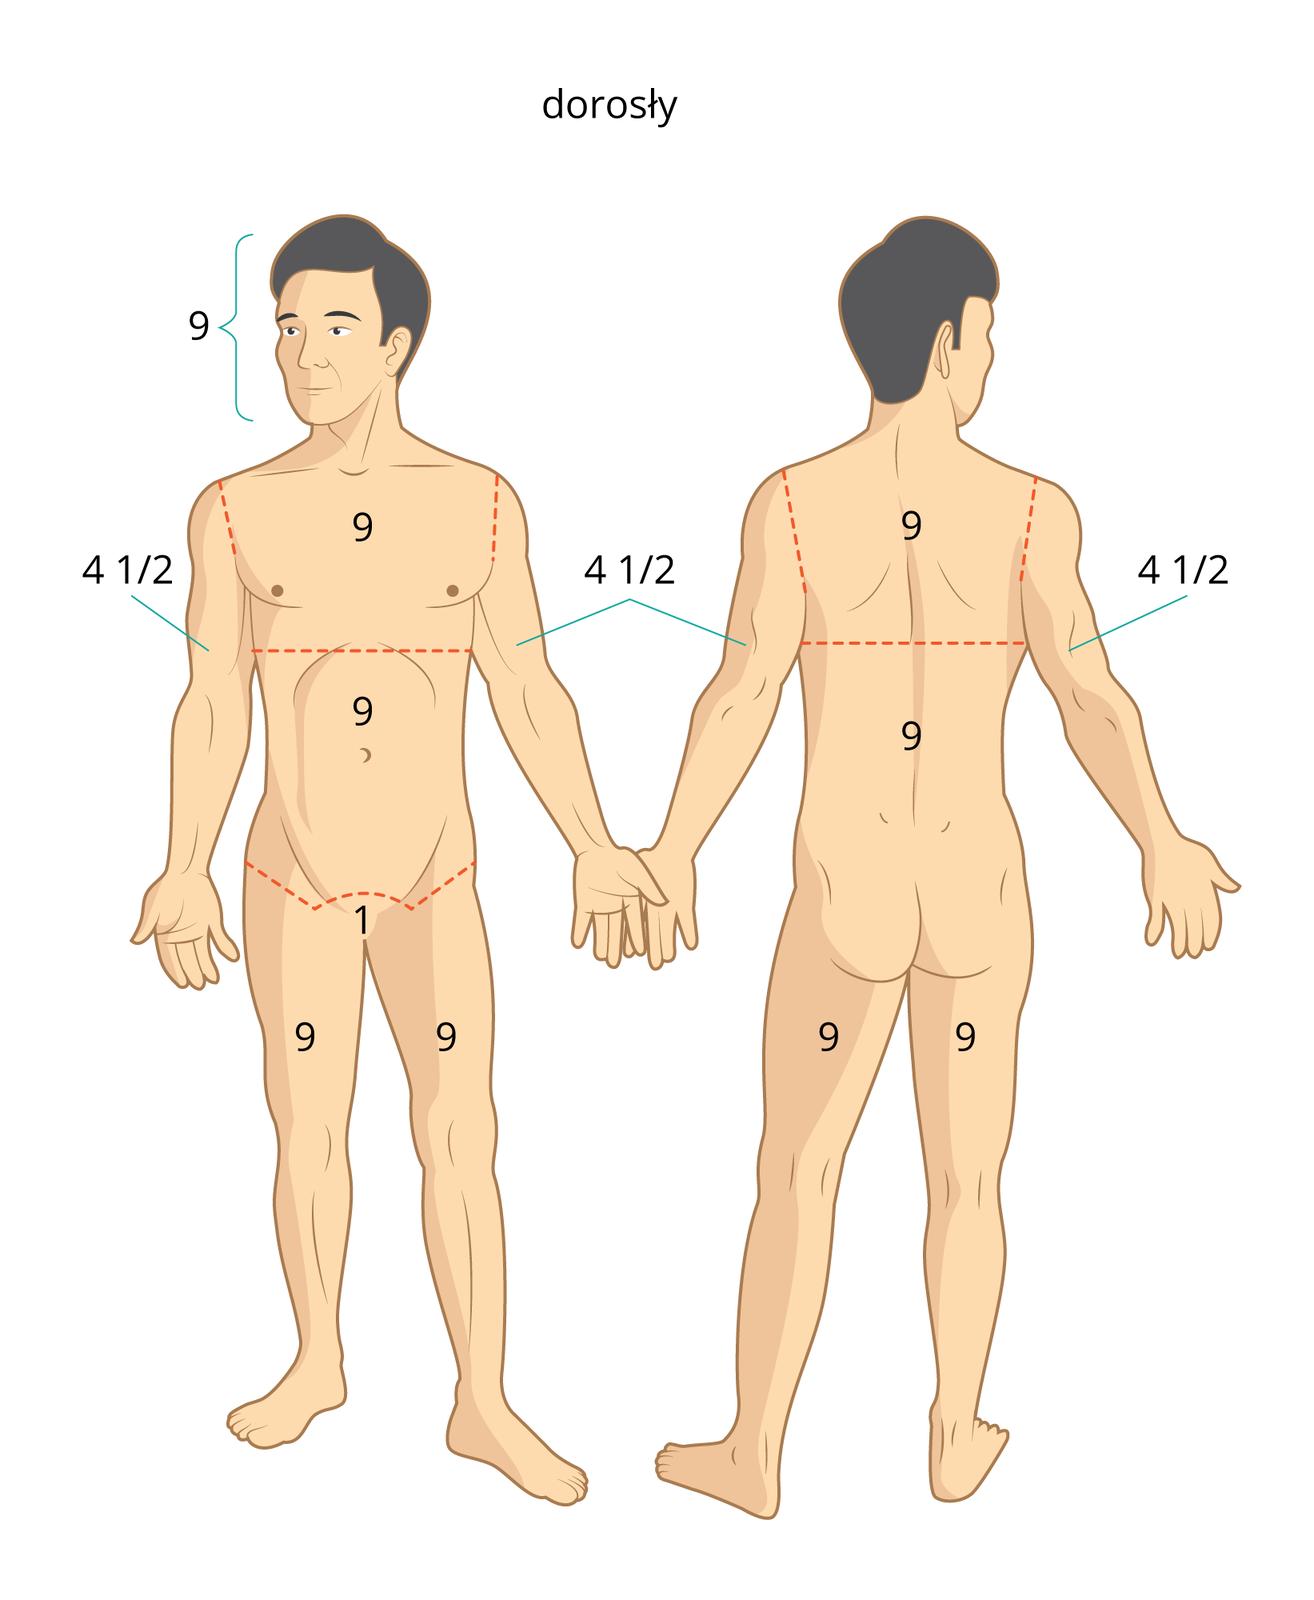 Galeria nr 2 składa się zdwóch prostokątnych ilustracji ułożonych obok siebie. Na każdej ilustracji znajduje się stojący mężczyzna bez ubrania. Ilustracja 1, po lewej, mężczyzna zwrócony przodem do obserwatora. Po prawej, ten sam mężczyzna stojący plecami do obserwatora. Liczba 9 jest umieszczona na: głowie, klatce piersiowej, brzuchu, udach, łopatkach iplecach. Liczba 1 umieszczona jest wkroczu. Liczba 4 ½ powyżej łokci.